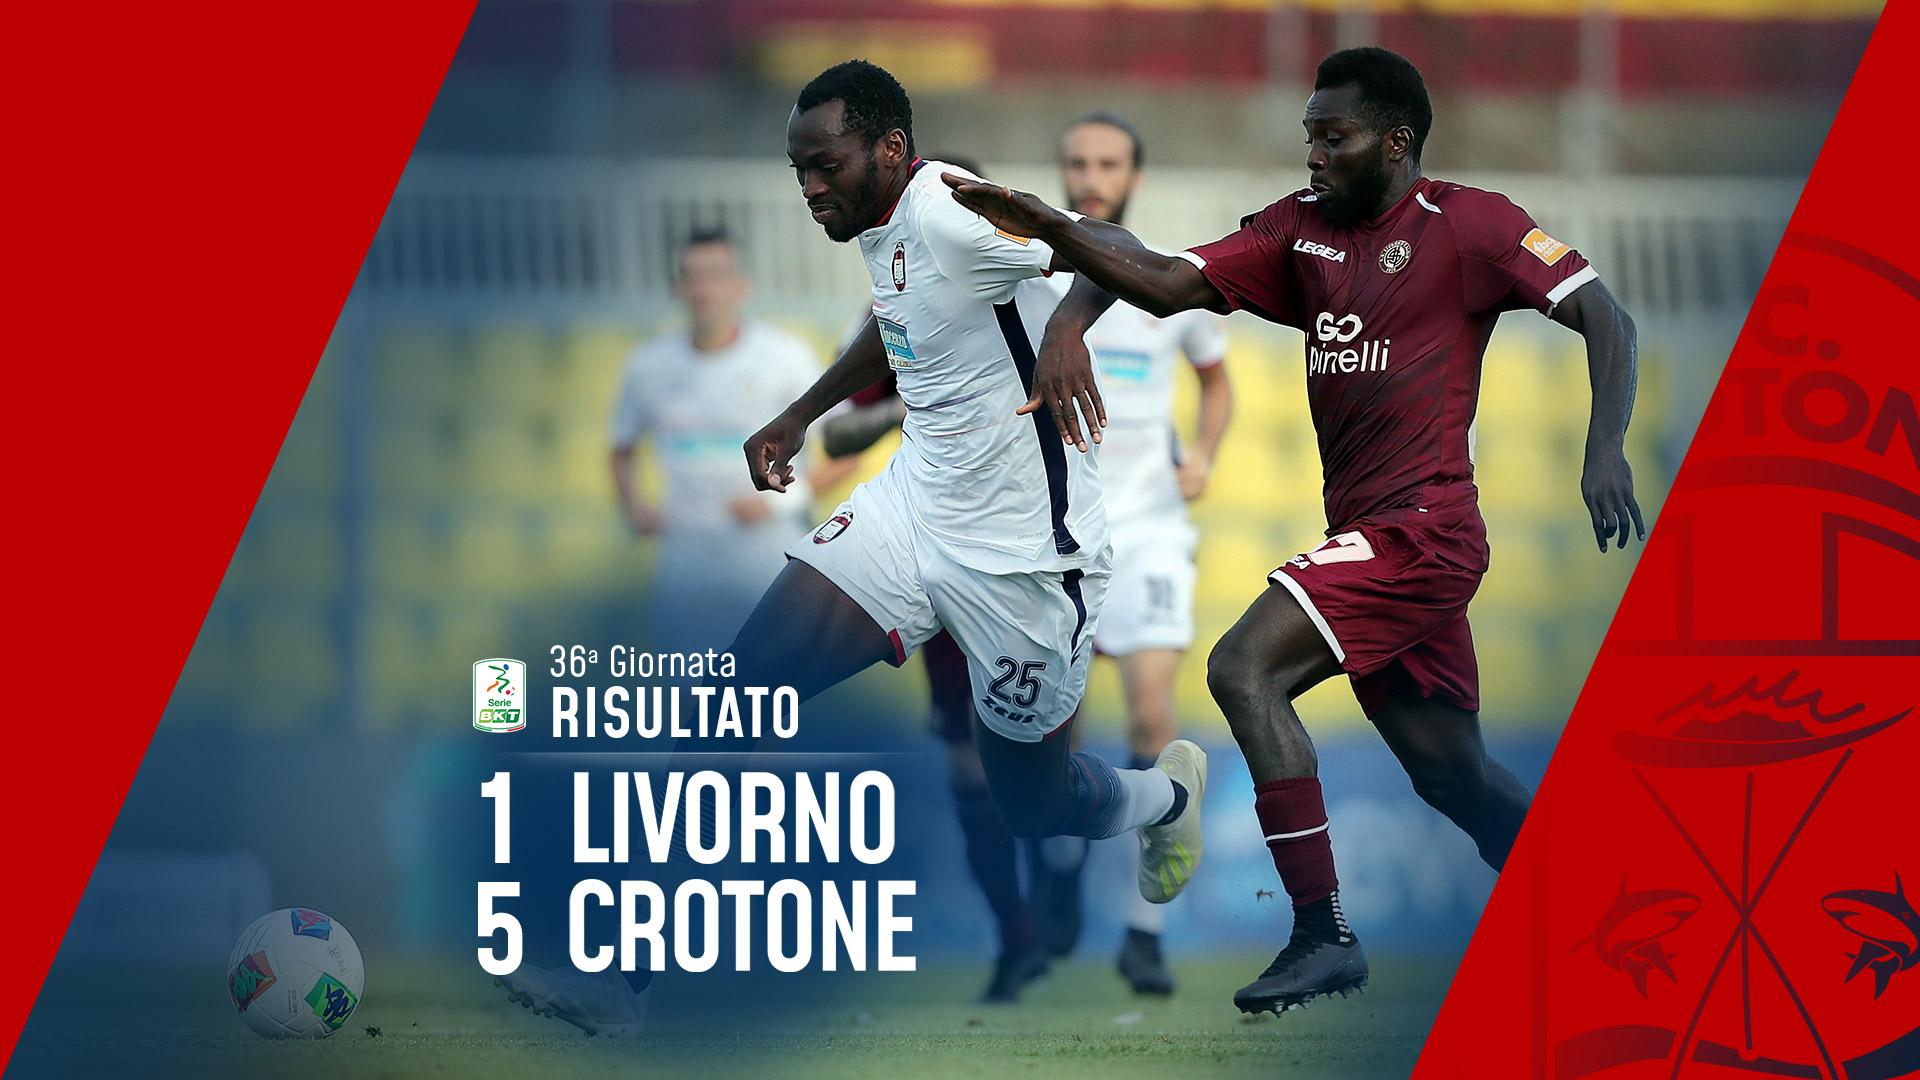 Serie BKT, 36ª giornata: Livorno-Crotone  1-5